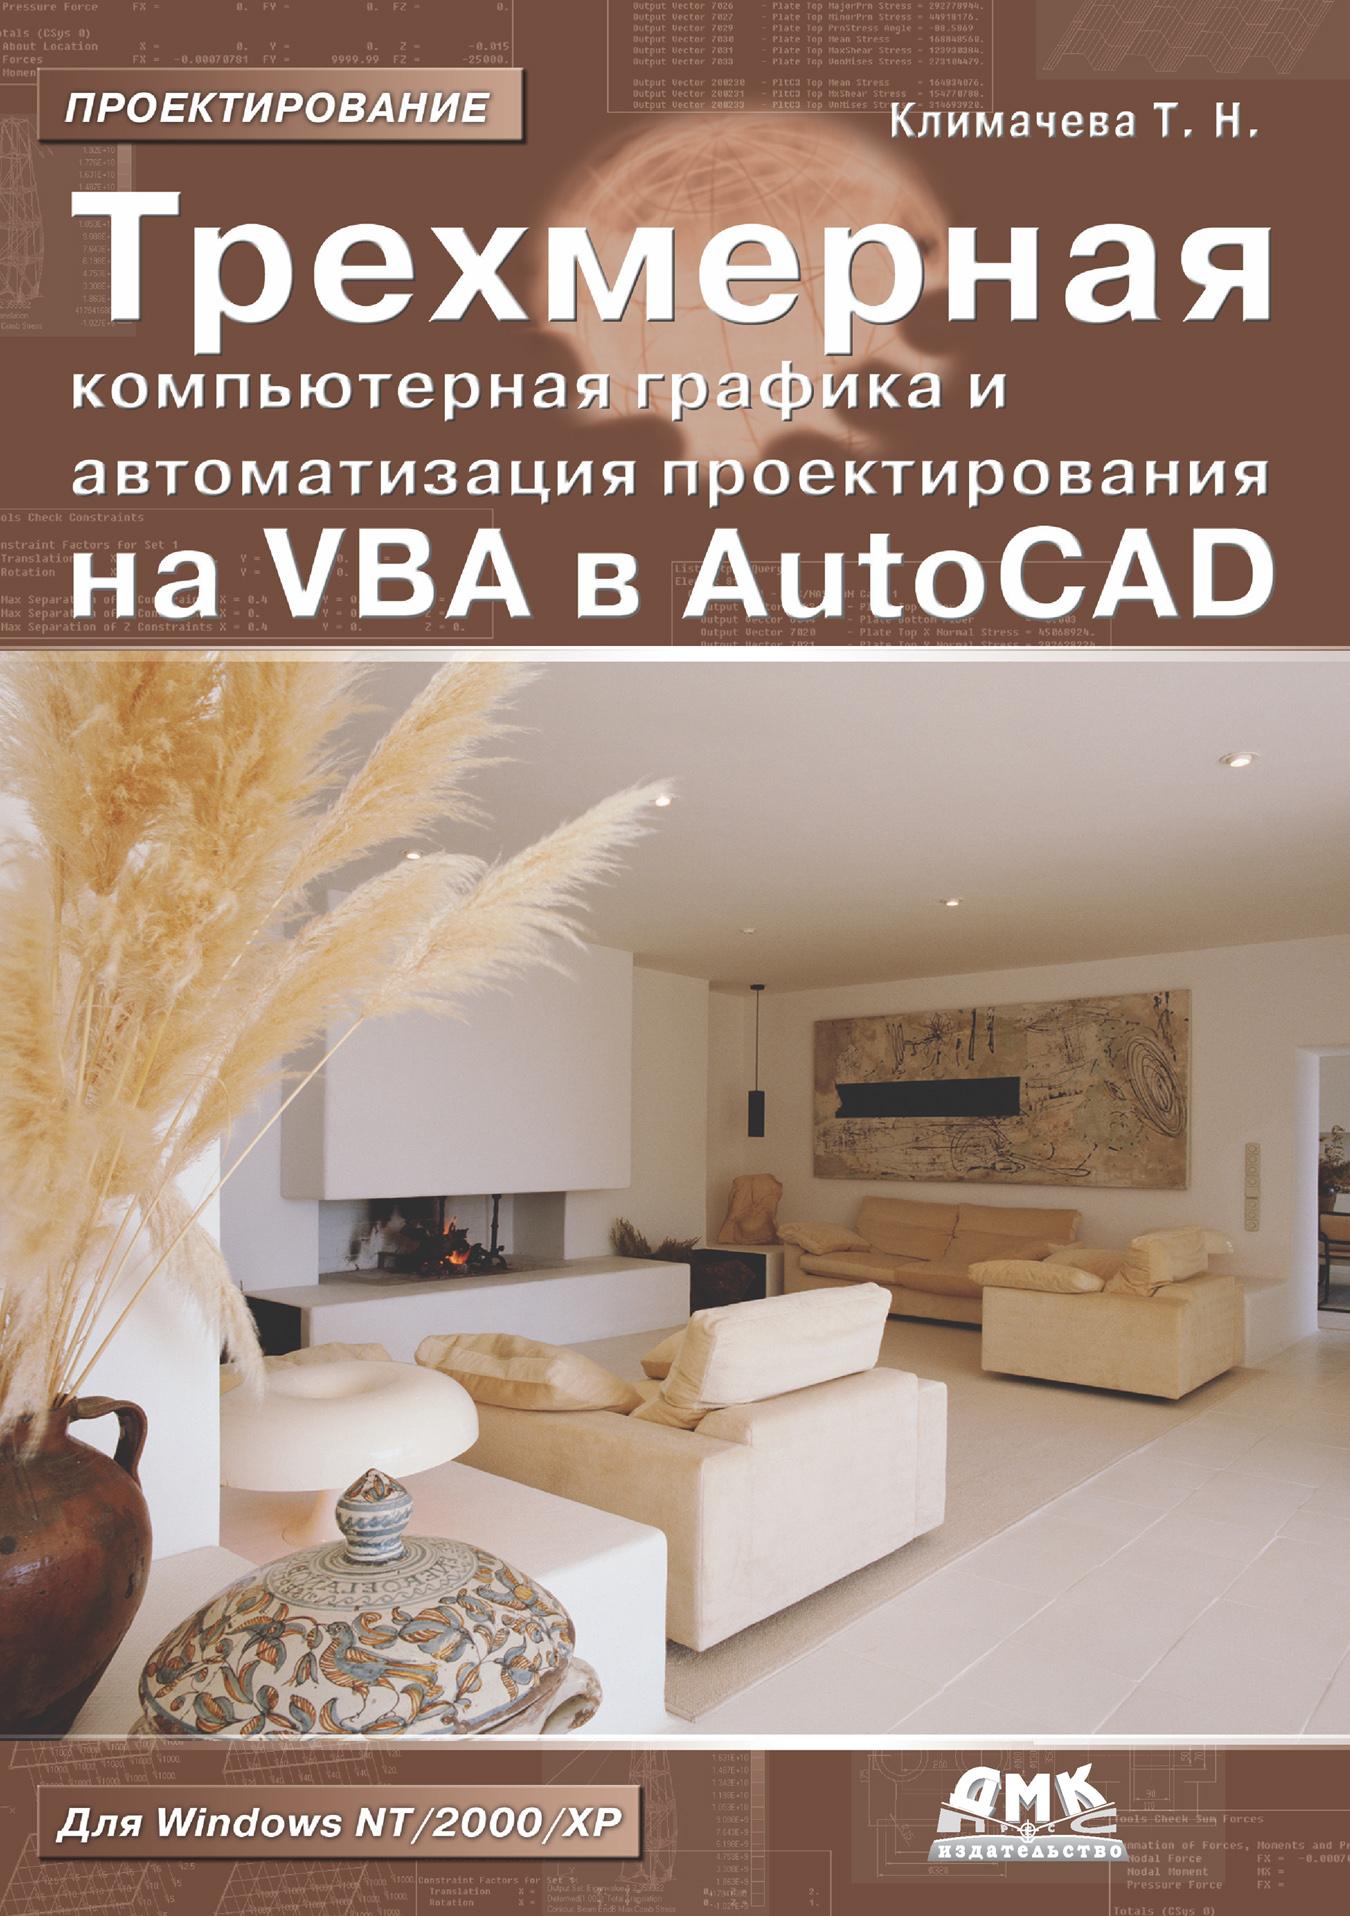 Татьяна Климачева «Трехмерная компьютерная графика и автоматизация проектирования на VBA в AutoCAD»